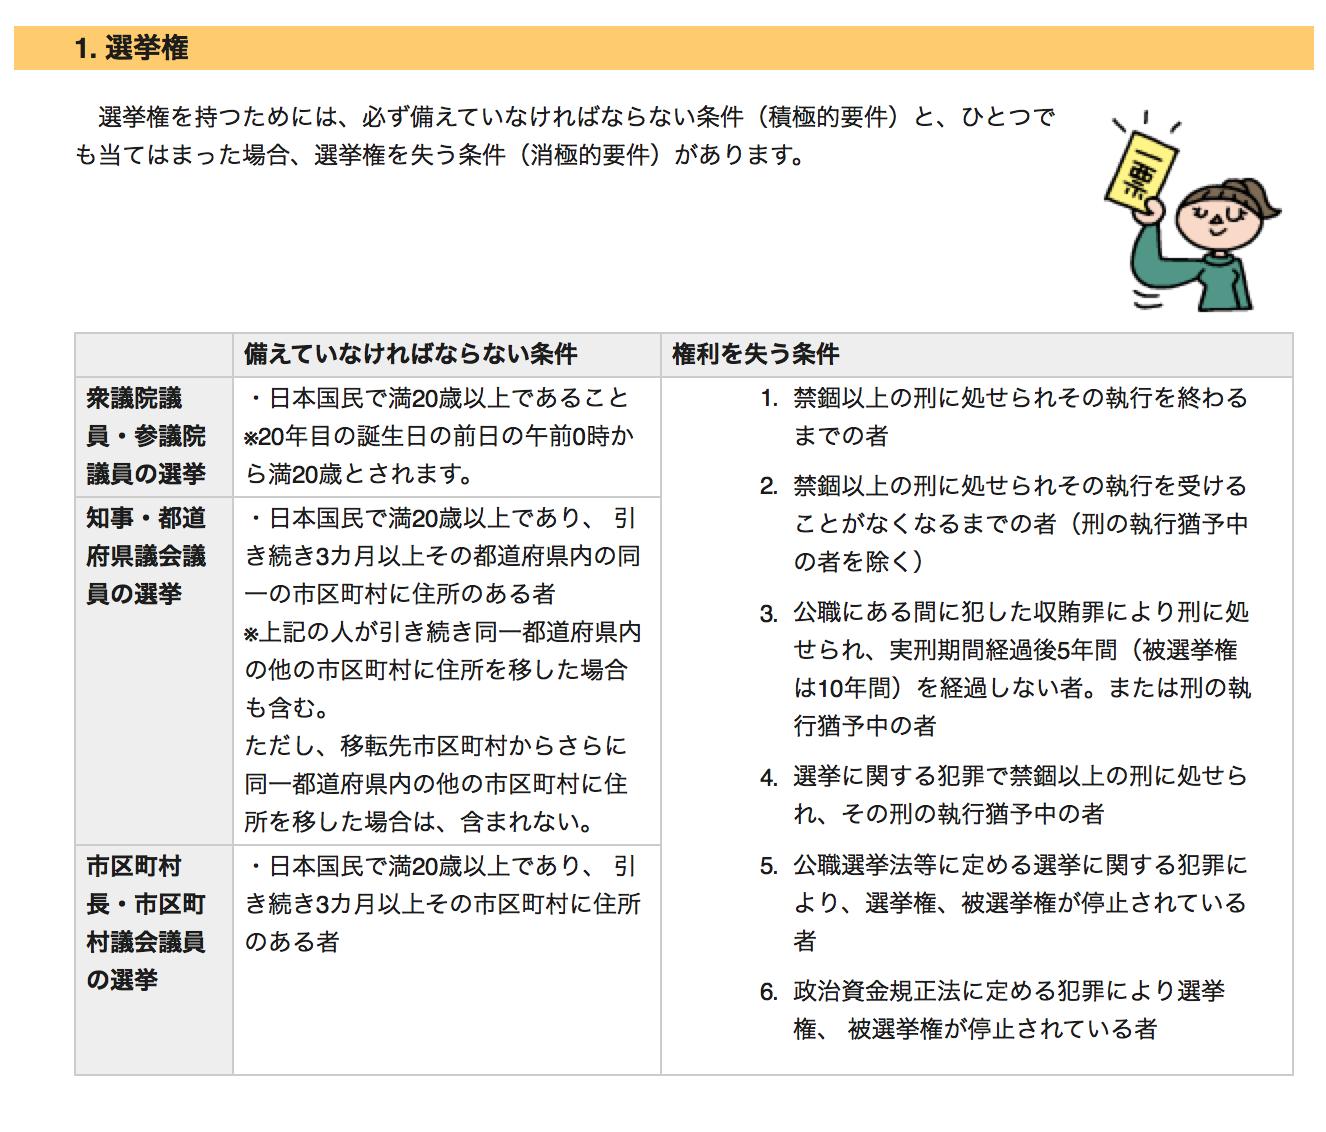 日本目前的選舉權年齡限制與相關規定。(日本總務省官網)